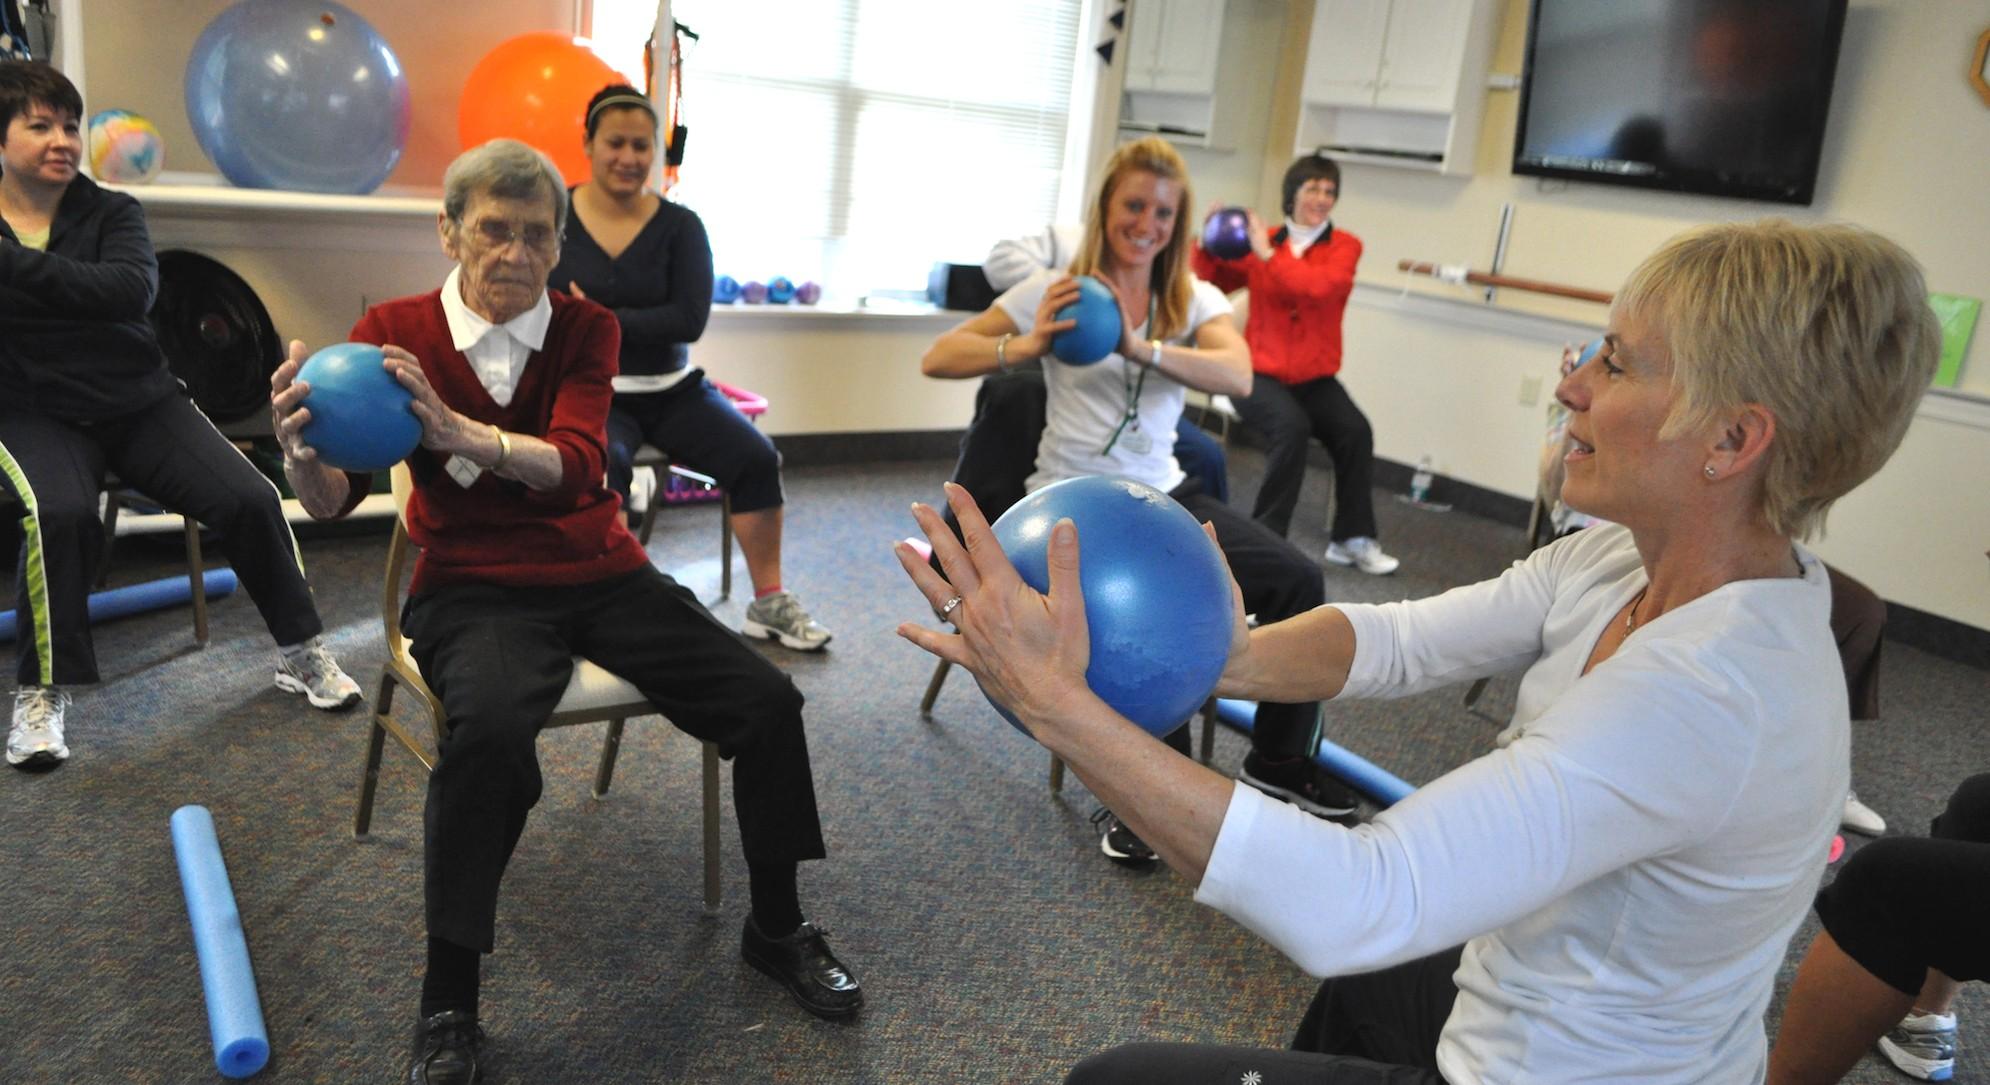 Falls Prevention Programs Make Life Better In Senior